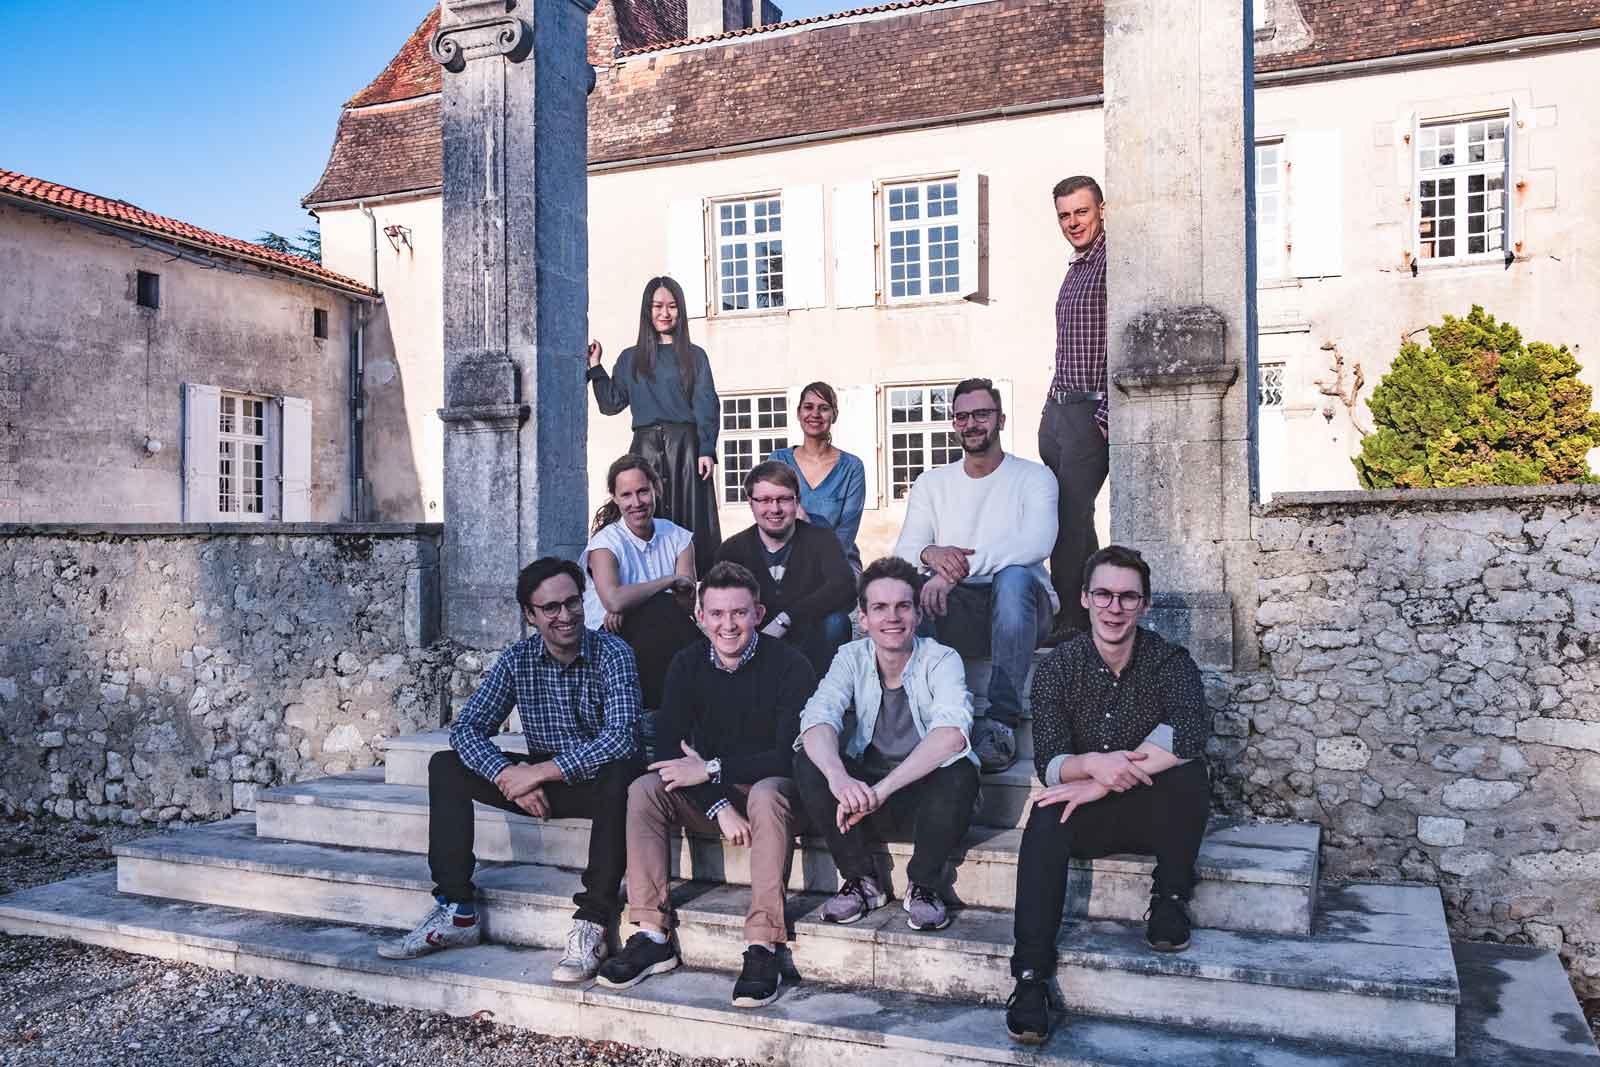 Cognac Expert - the team